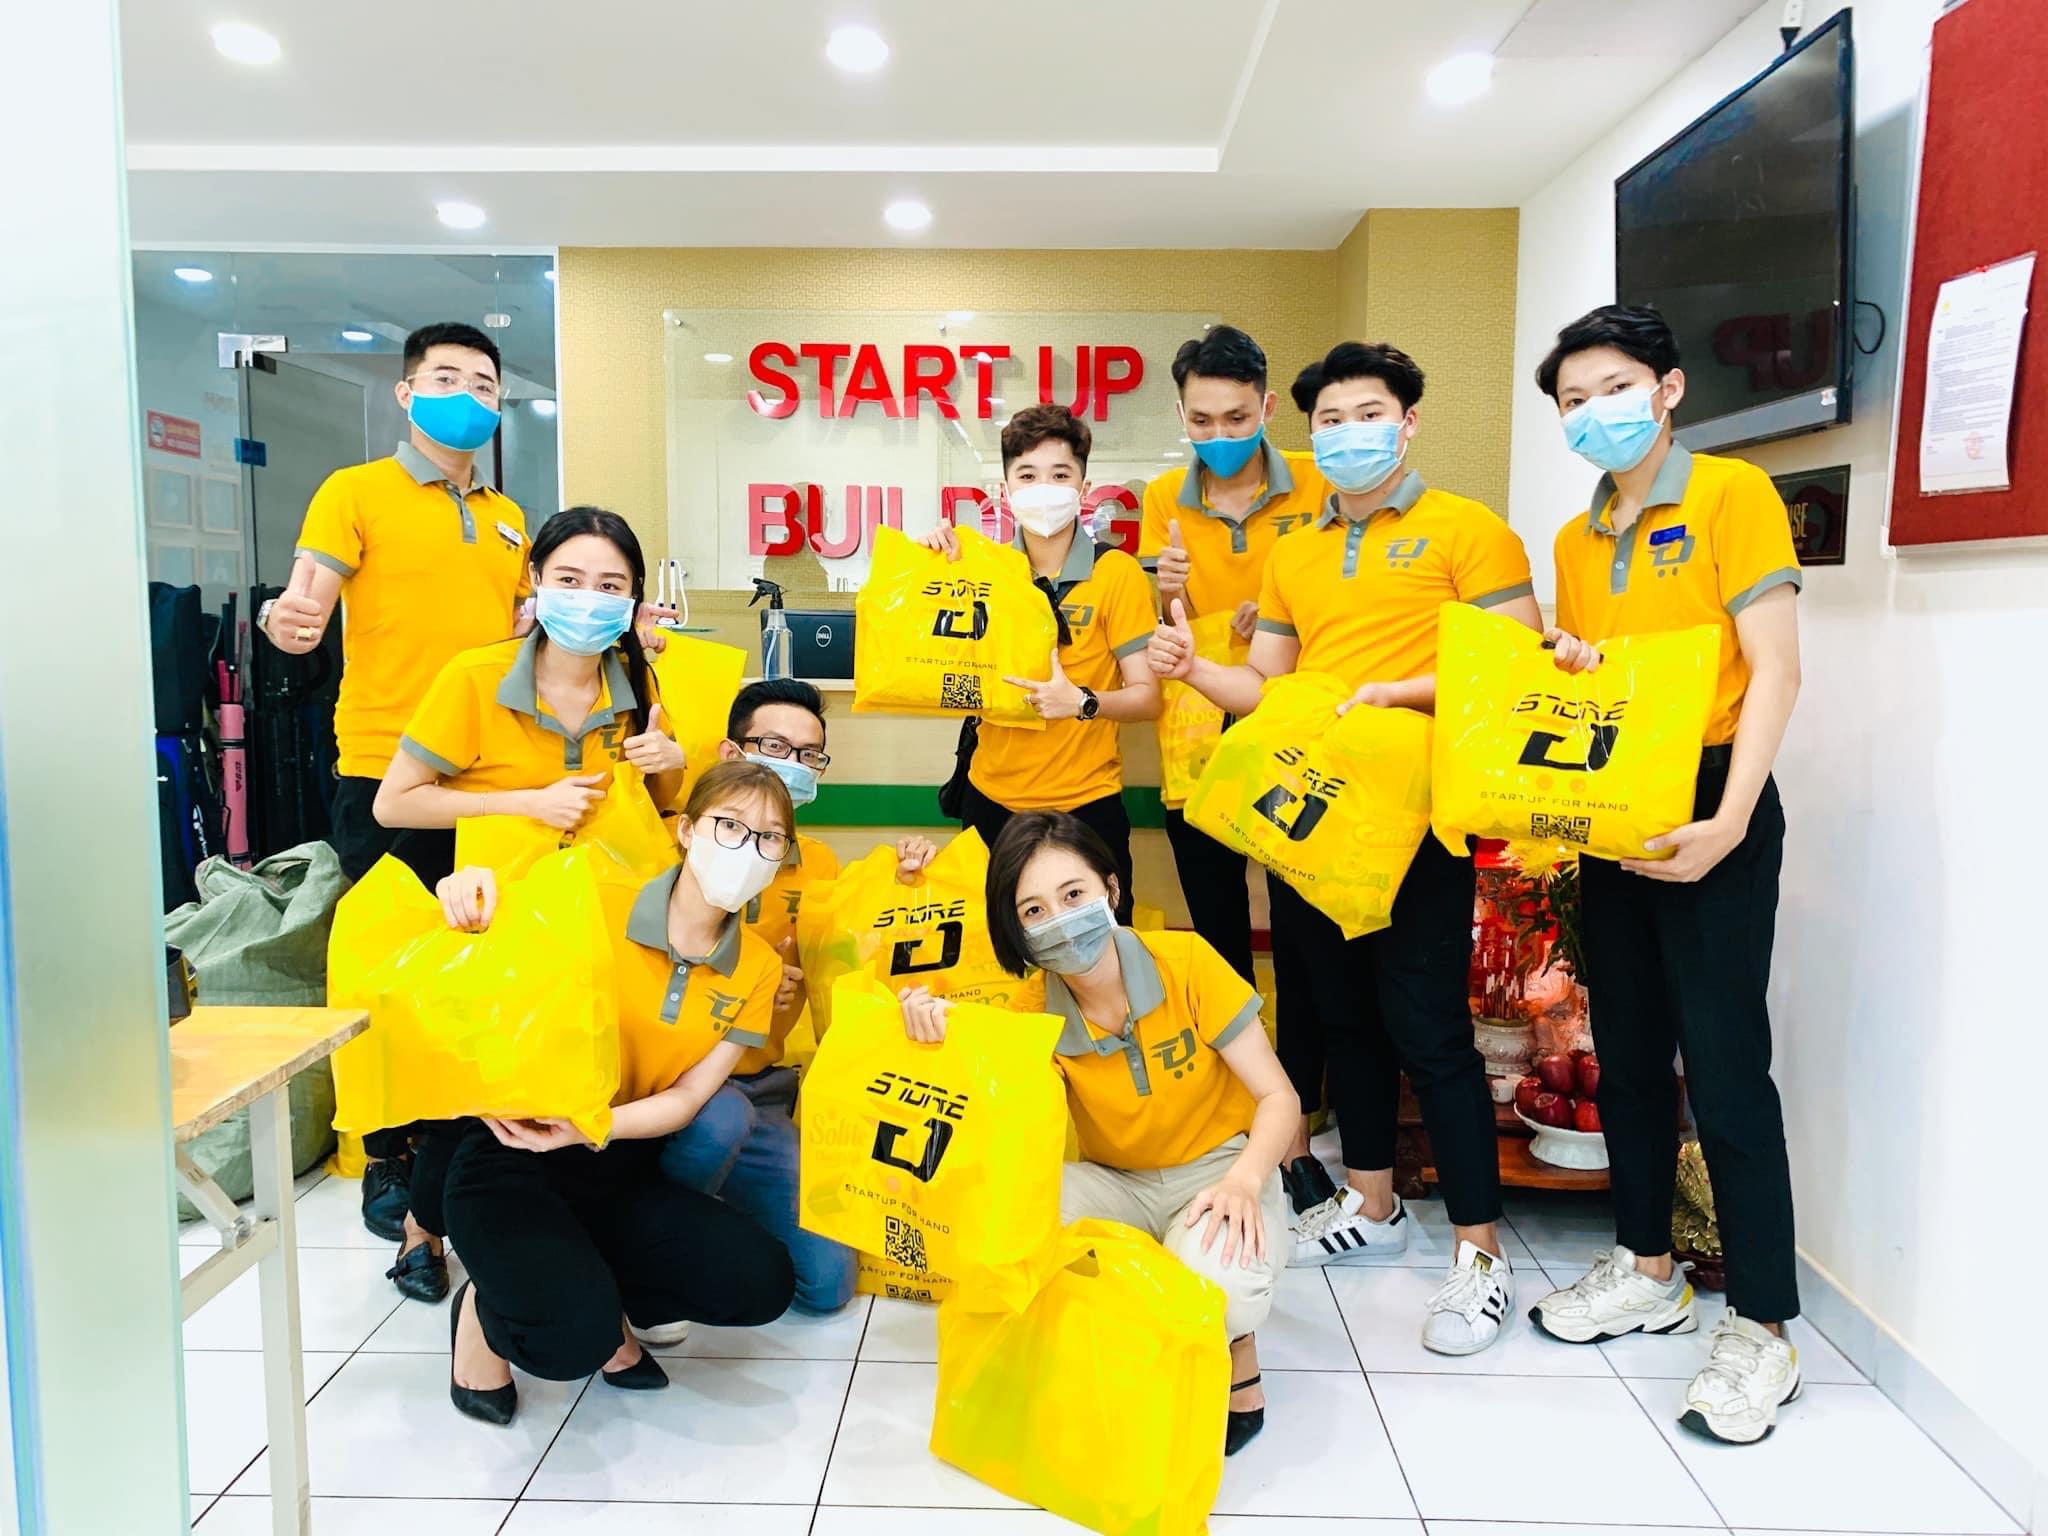 Hoạt động thiện nguyện của các Bạn trẻ Dstore tại Chùa Từ Hạnh - Tân Bình